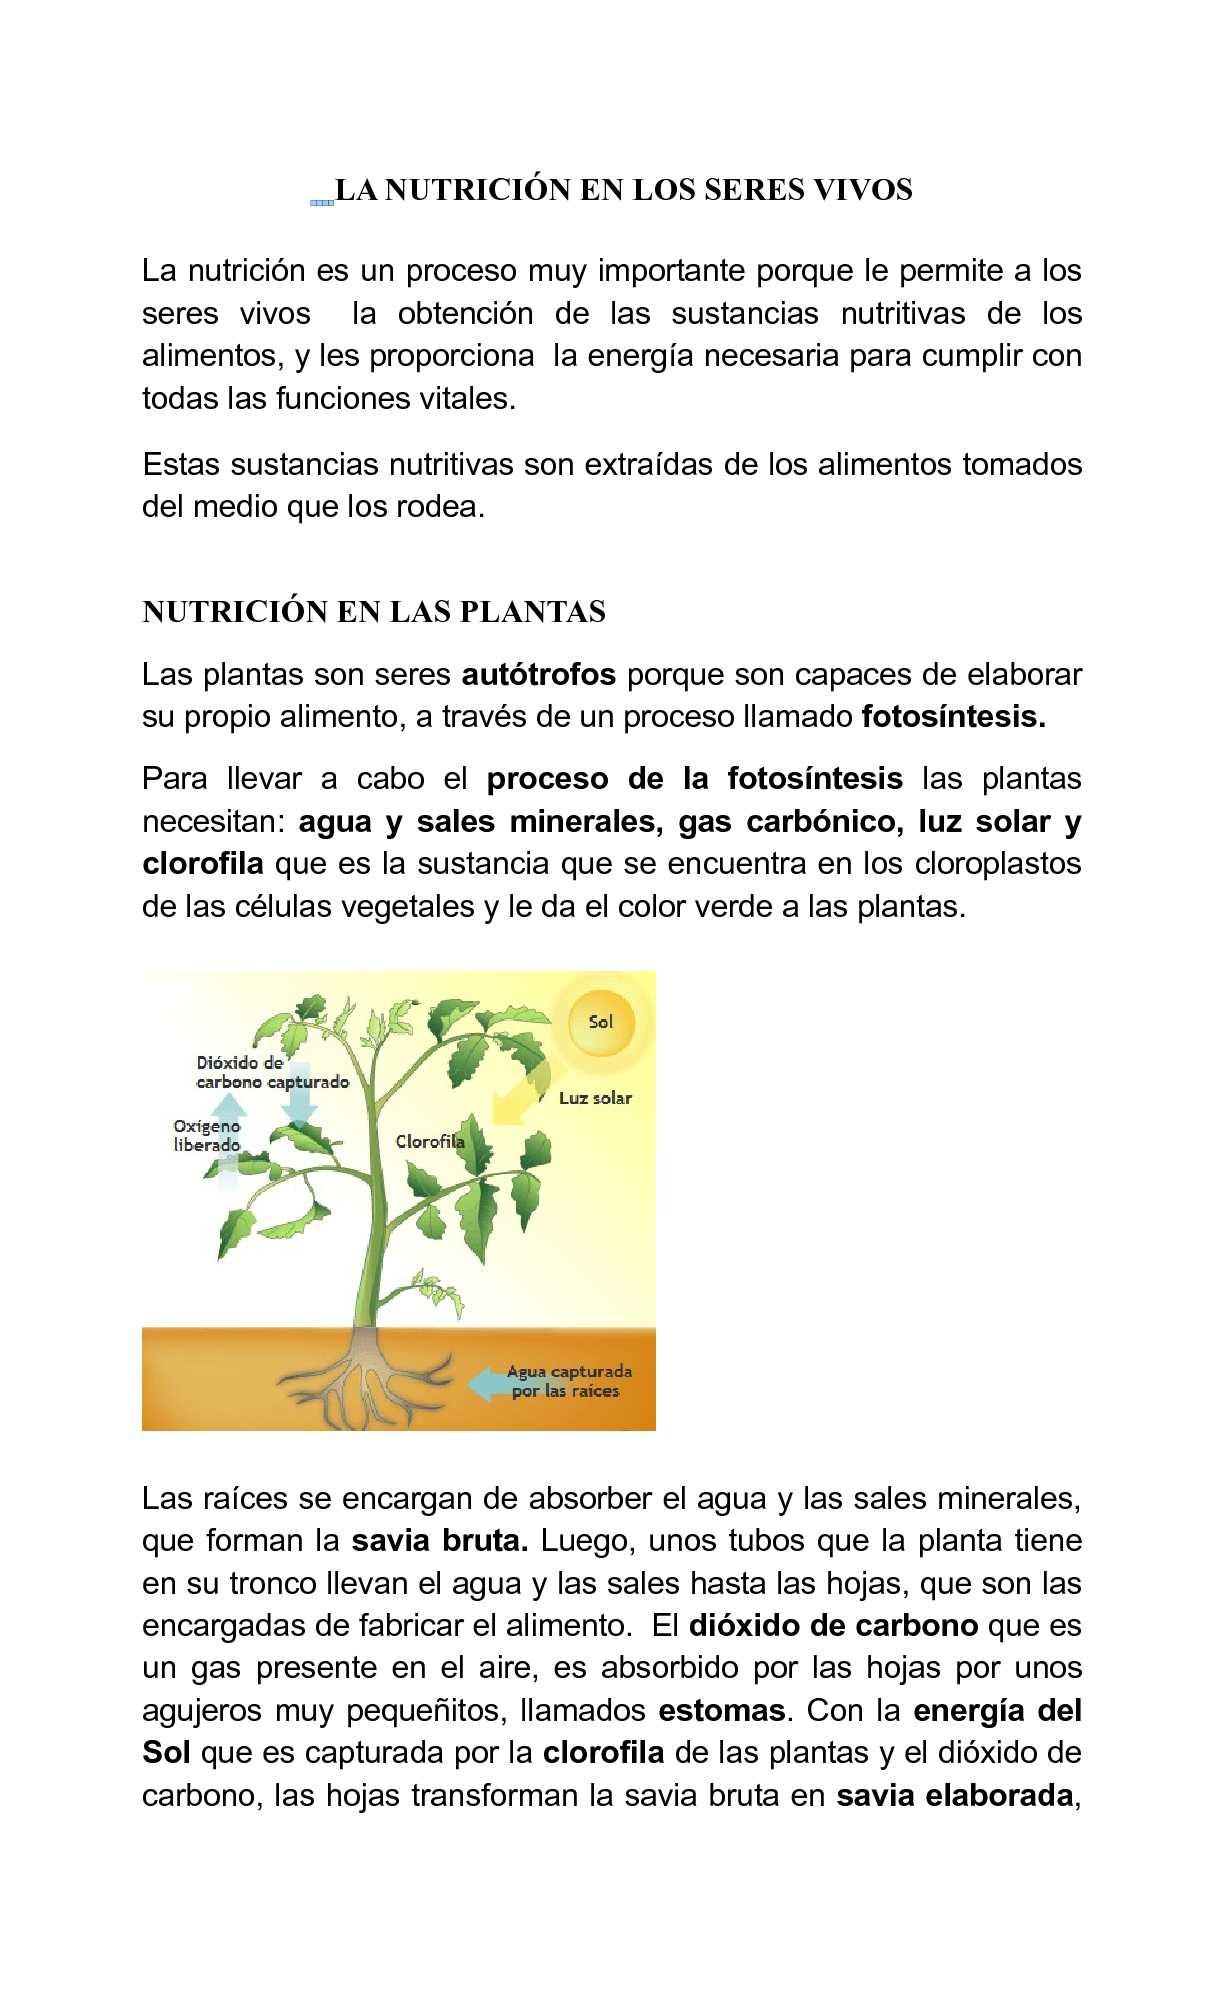 importancia de la fotosintesis en la alimentacion de los animales y las personas